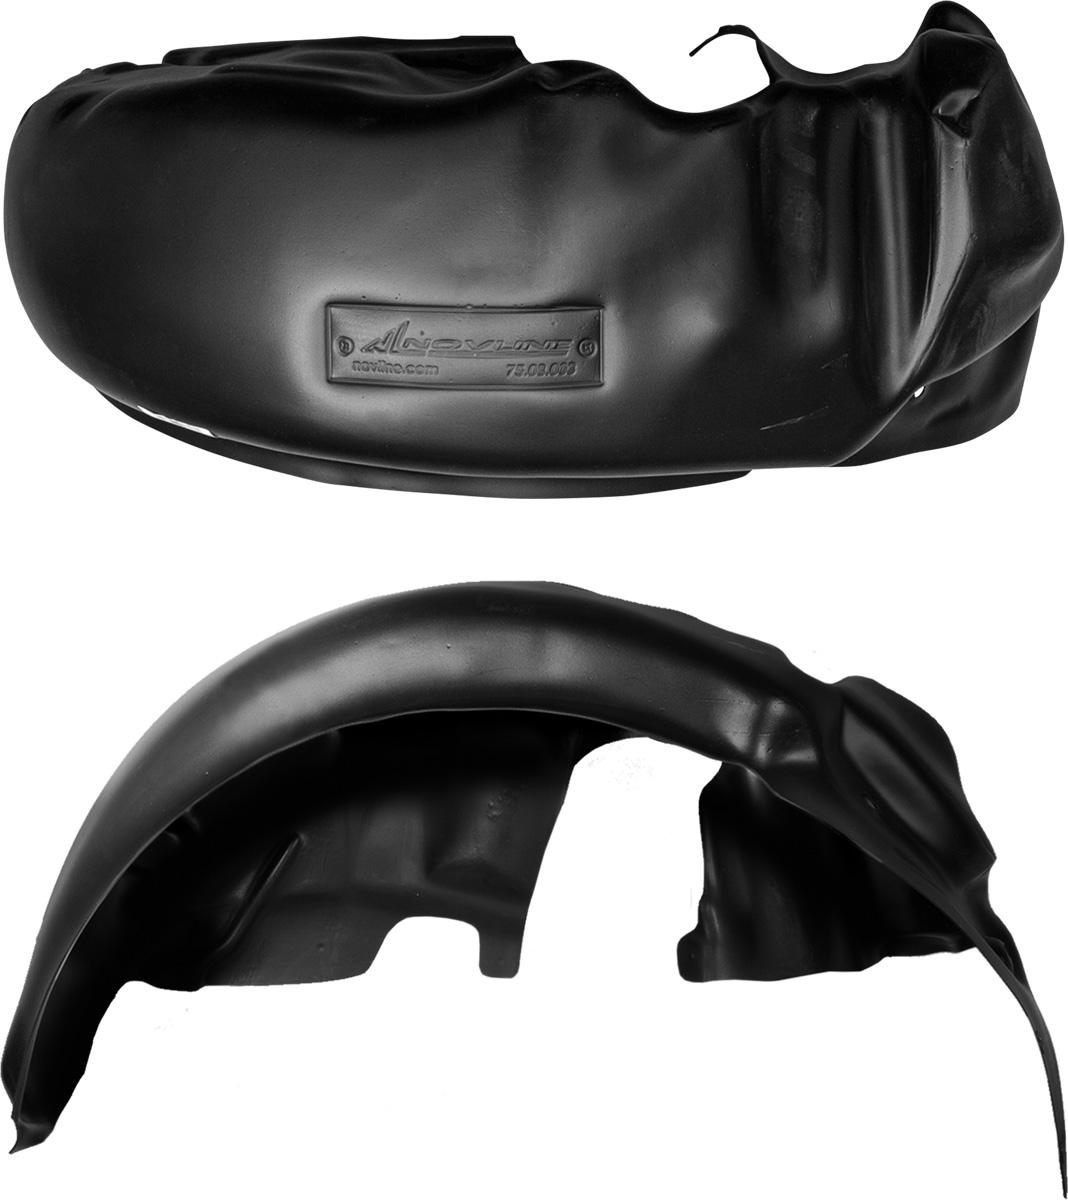 Подкрылок Novline-Autofamily, для Mitsubishi Lancer X, 03/2007->, седан, хэтчбек, передний левыйNLL.35.13.001Колесные ниши - одни из самых уязвимых зон днища вашего автомобиля. Они постоянно подвергаются воздействию со стороны дороги. Лучшая, почти абсолютная защита для них - специально отформованные пластиковые кожухи, которые называются подкрылками. Производятся они как для отечественных моделей автомобилей, так и для иномарок. Подкрылки Novline-Autofamily выполнены из высококачественного, экологически чистого пластика. Обеспечивают надежную защиту кузова автомобиля от пескоструйного эффекта и негативного влияния, агрессивных антигололедных реагентов. Пластик обладает более низкой теплопроводностью, чем металл, поэтому в зимний период эксплуатации использование пластиковых подкрылков позволяет лучше защитить колесные ниши от налипания снега и образования наледи. Оригинальность конструкции подчеркивает элегантность автомобиля, бережно защищает нанесенное на днище кузова антикоррозийное покрытие и позволяет осуществить крепление подкрылков внутри колесной арки практически без...